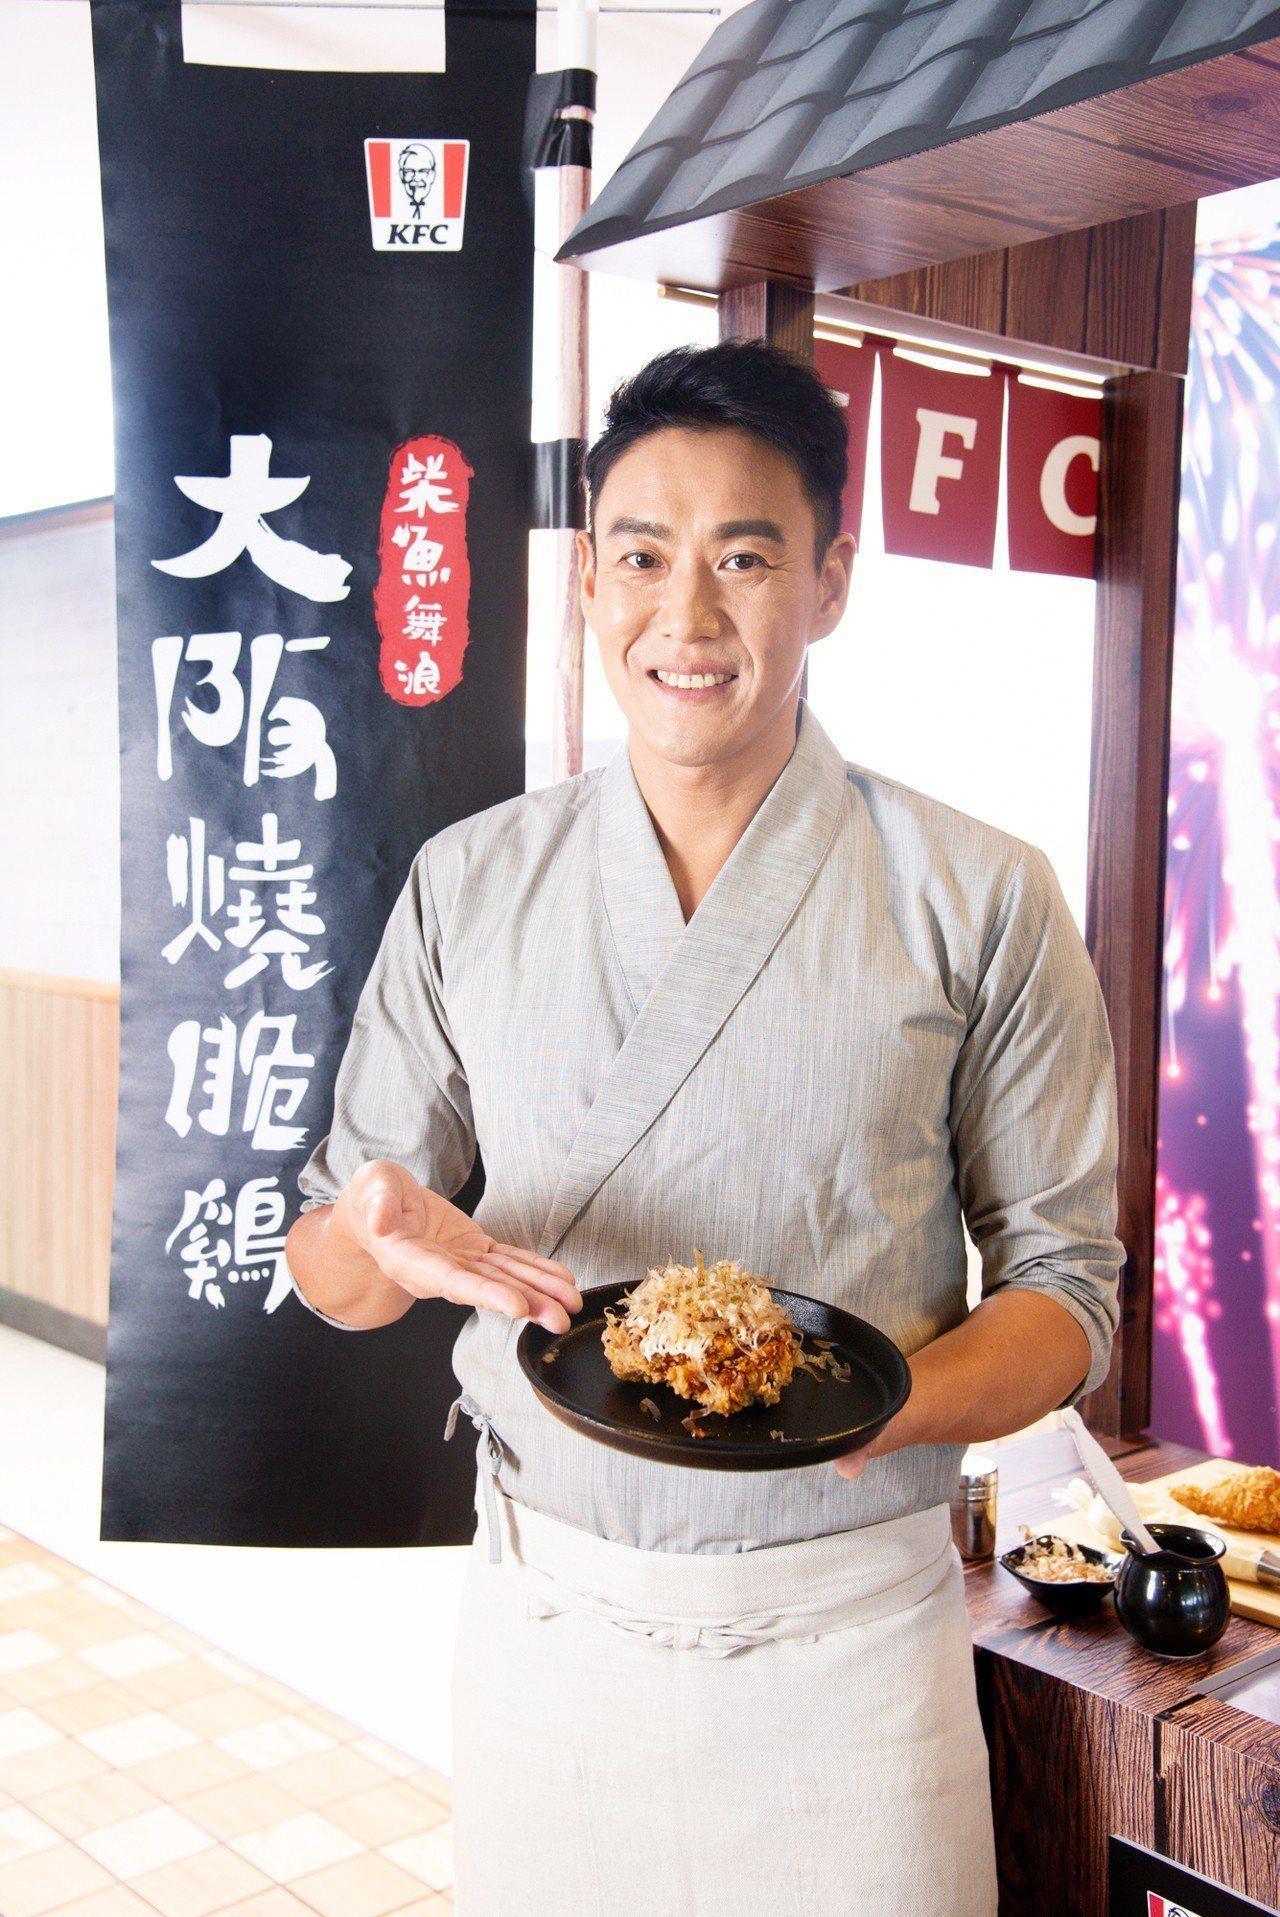 日料職人加賀美智久現場製作「柴魚舞浪大阪燒脆雞」。圖/肯德基提供